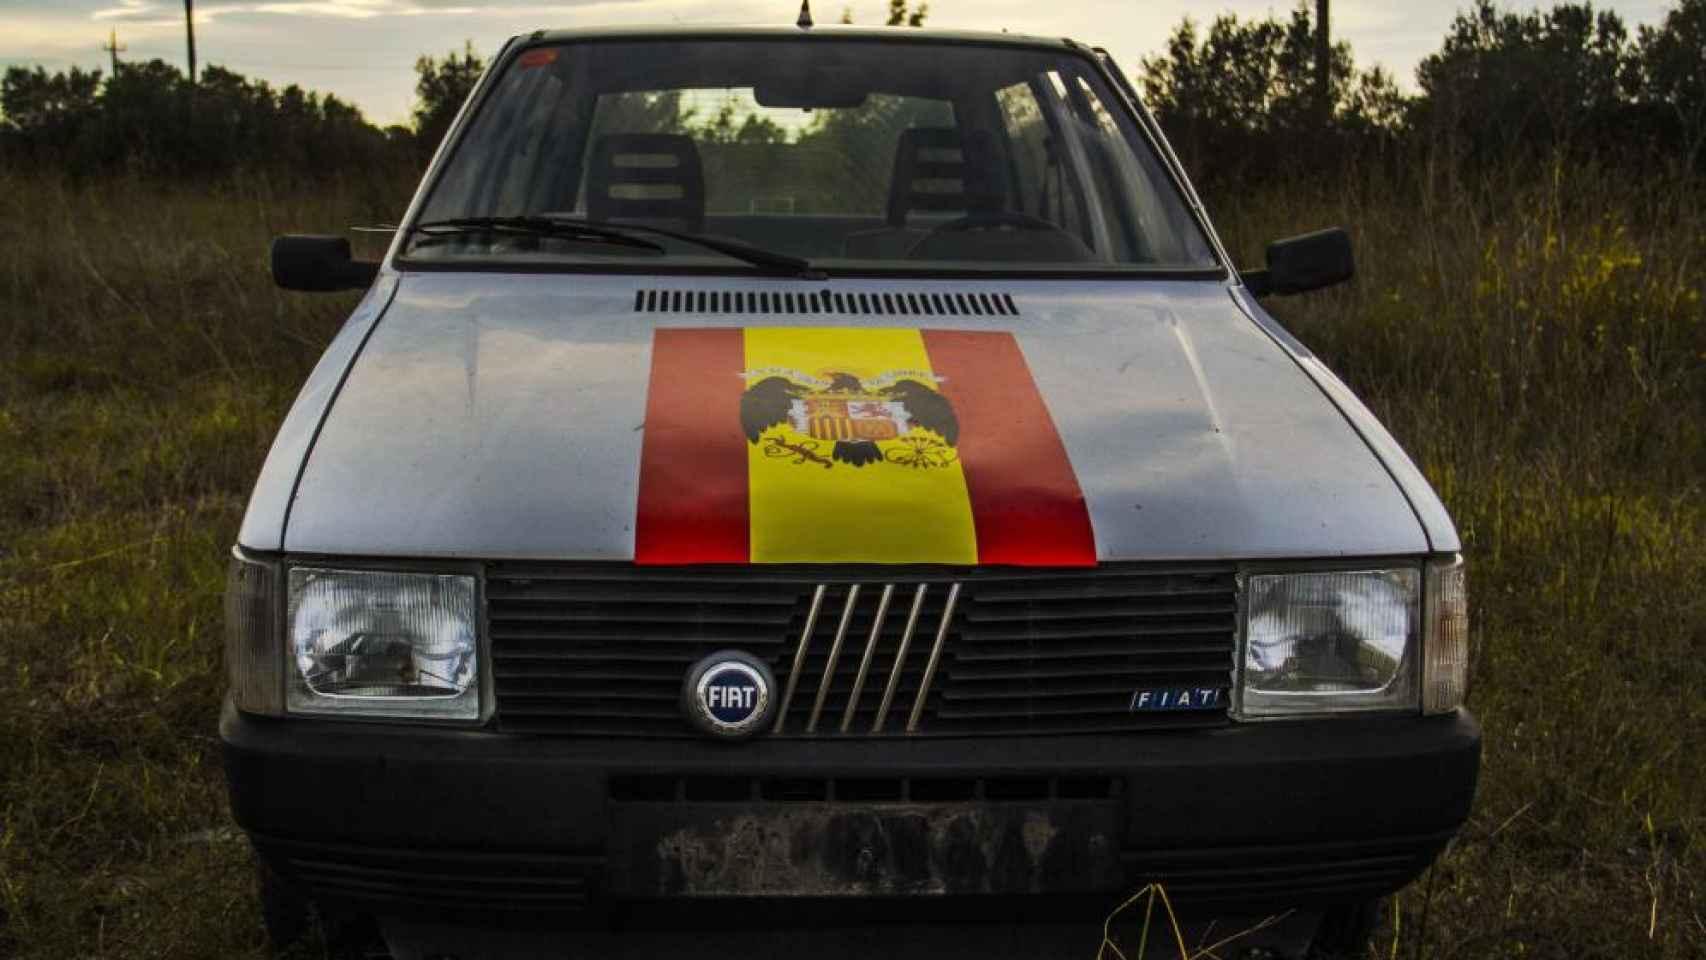 El Fiat Uno franquista de los artistas Núria Güell y Levi Orta, prohibido en Figueres.